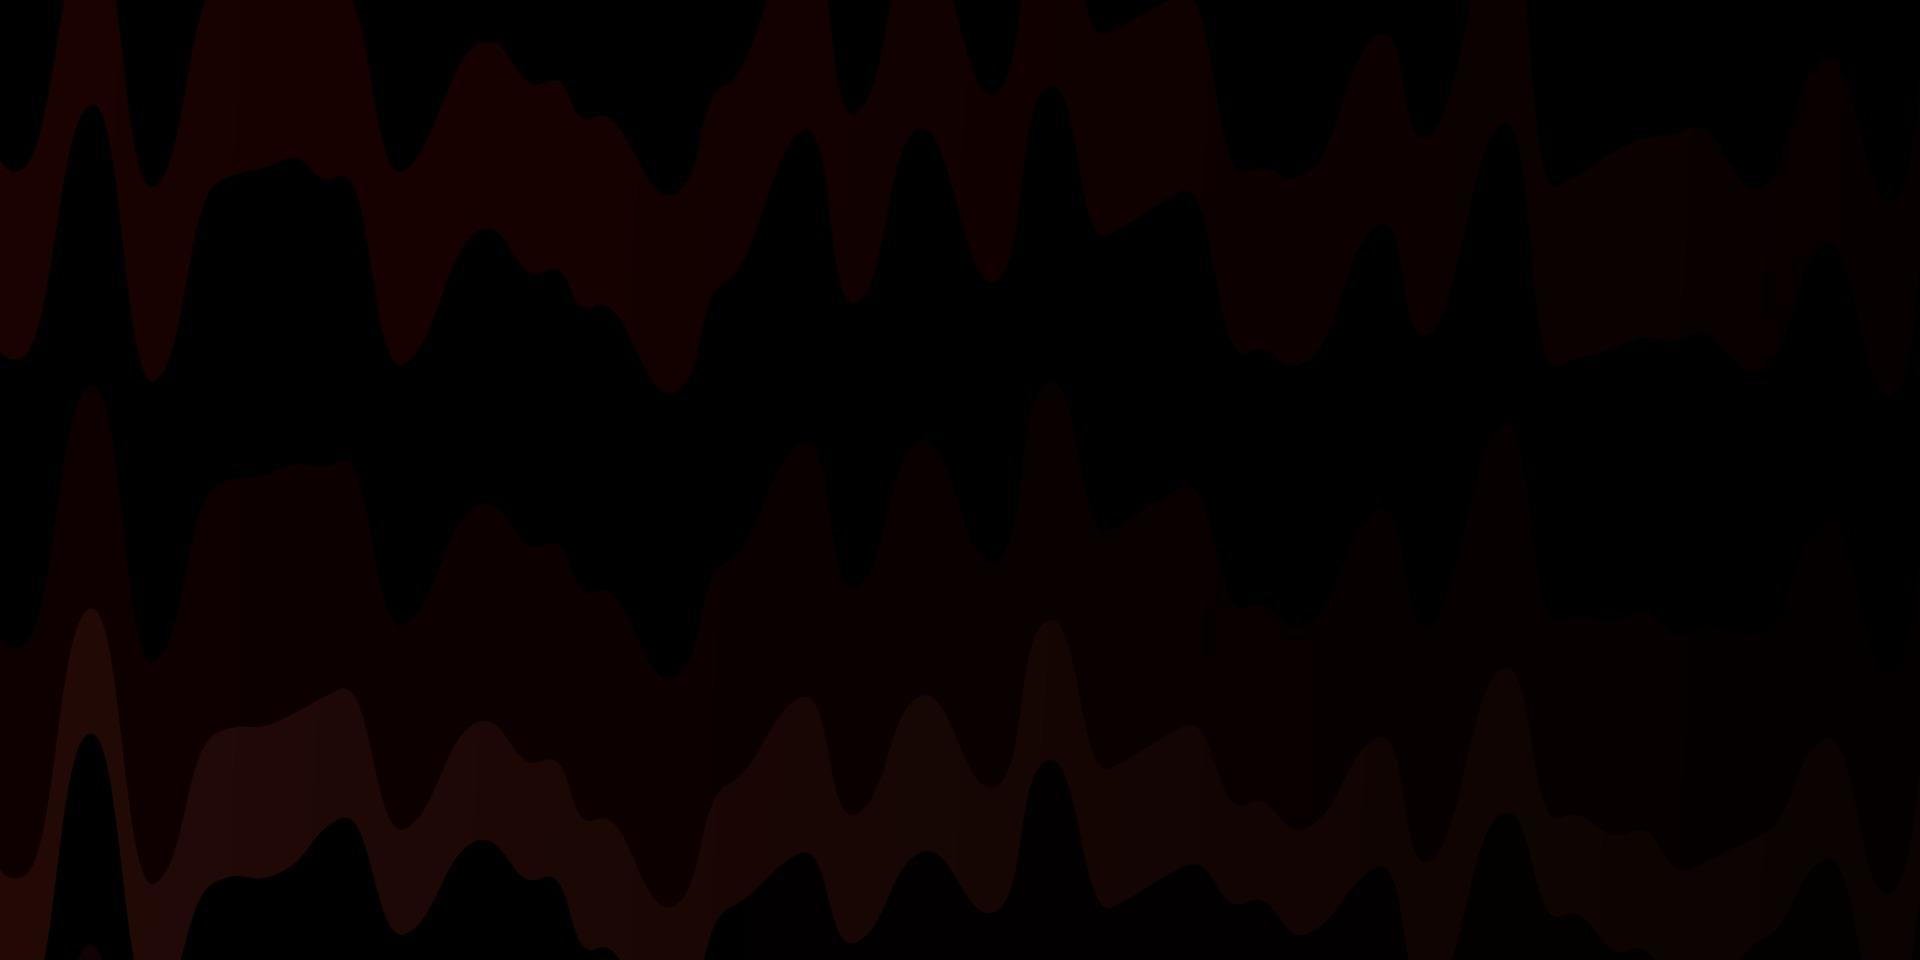 donkerroze, rode vectorachtergrond met wrange lijnen. vector